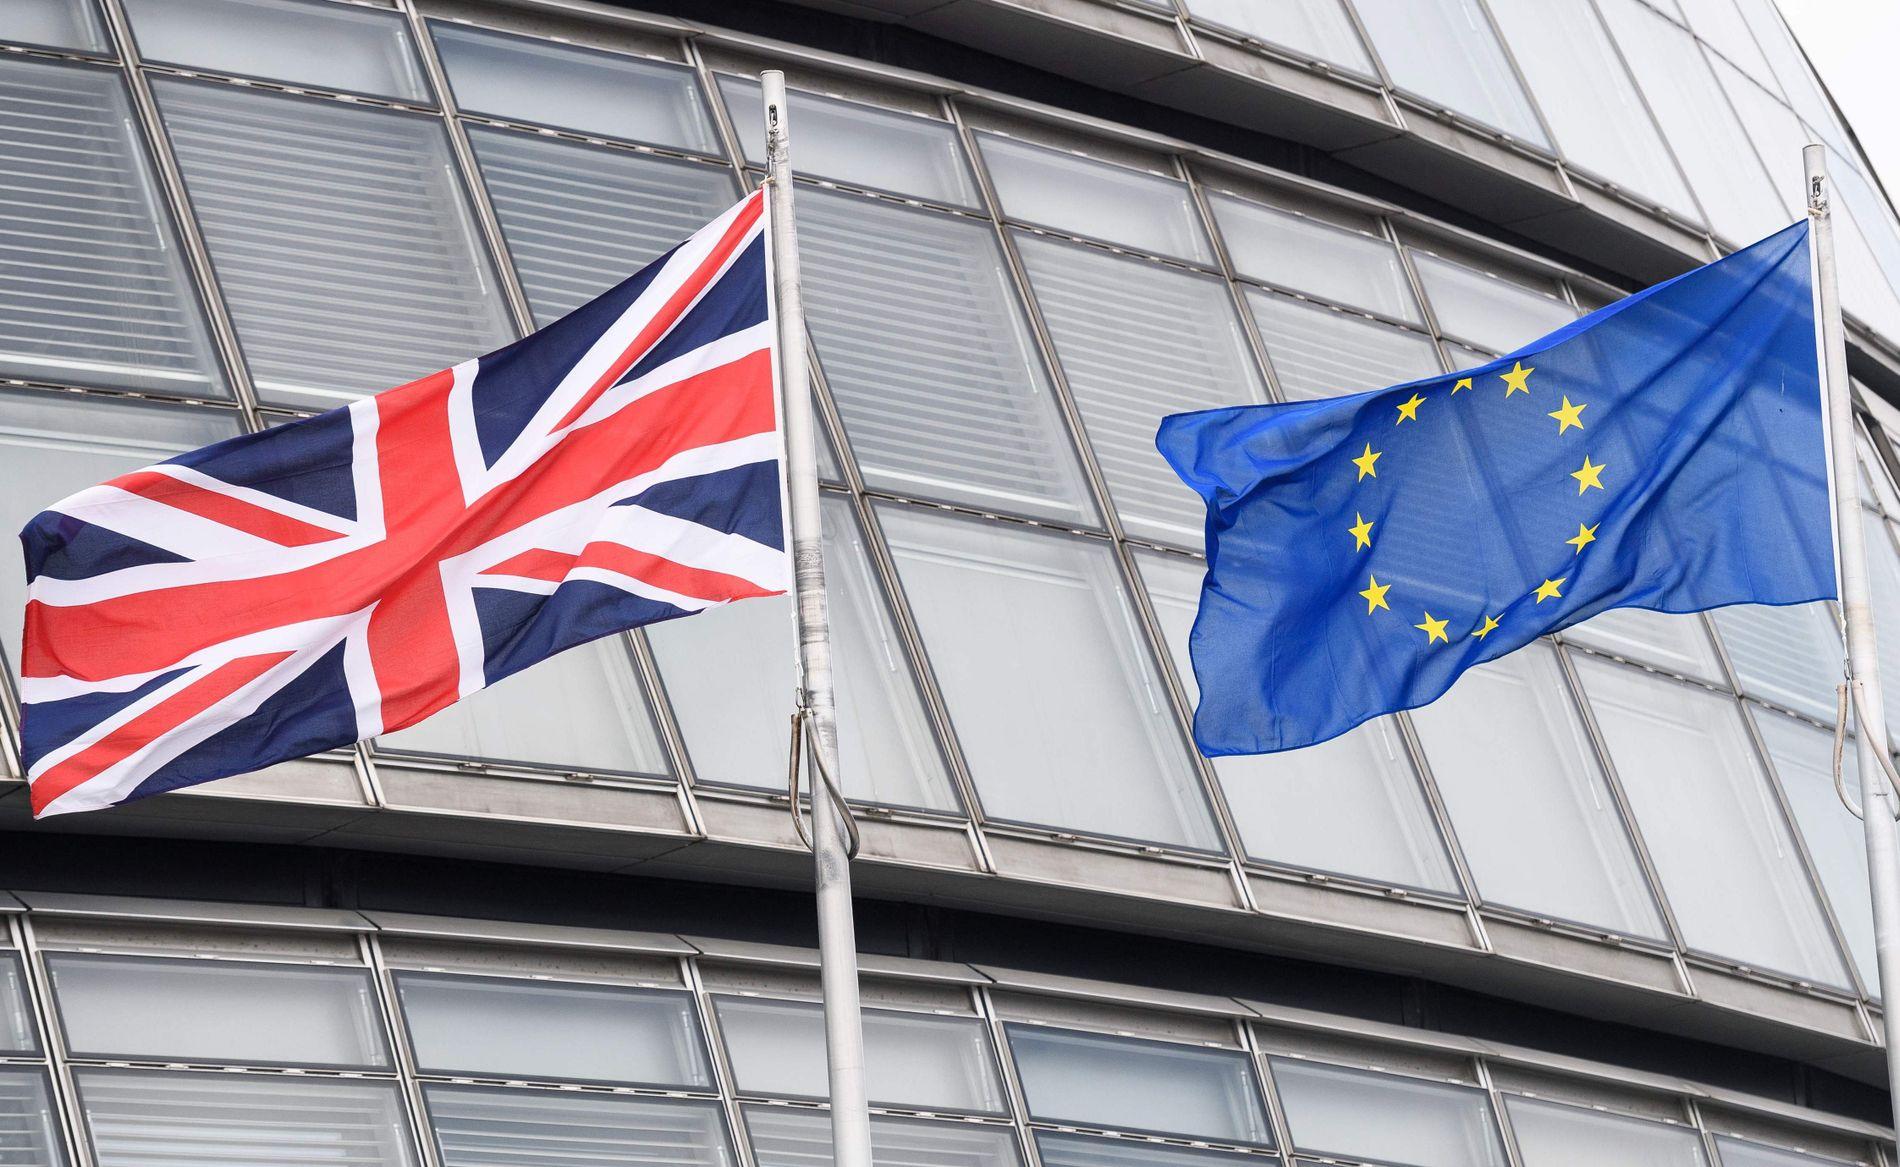 VEIVALG: Dersom britene velger å forlate EU, vil det få konsekvenser for hele det europeiske samarbeidet. Brexit kan destabilisere både EU og Europa.